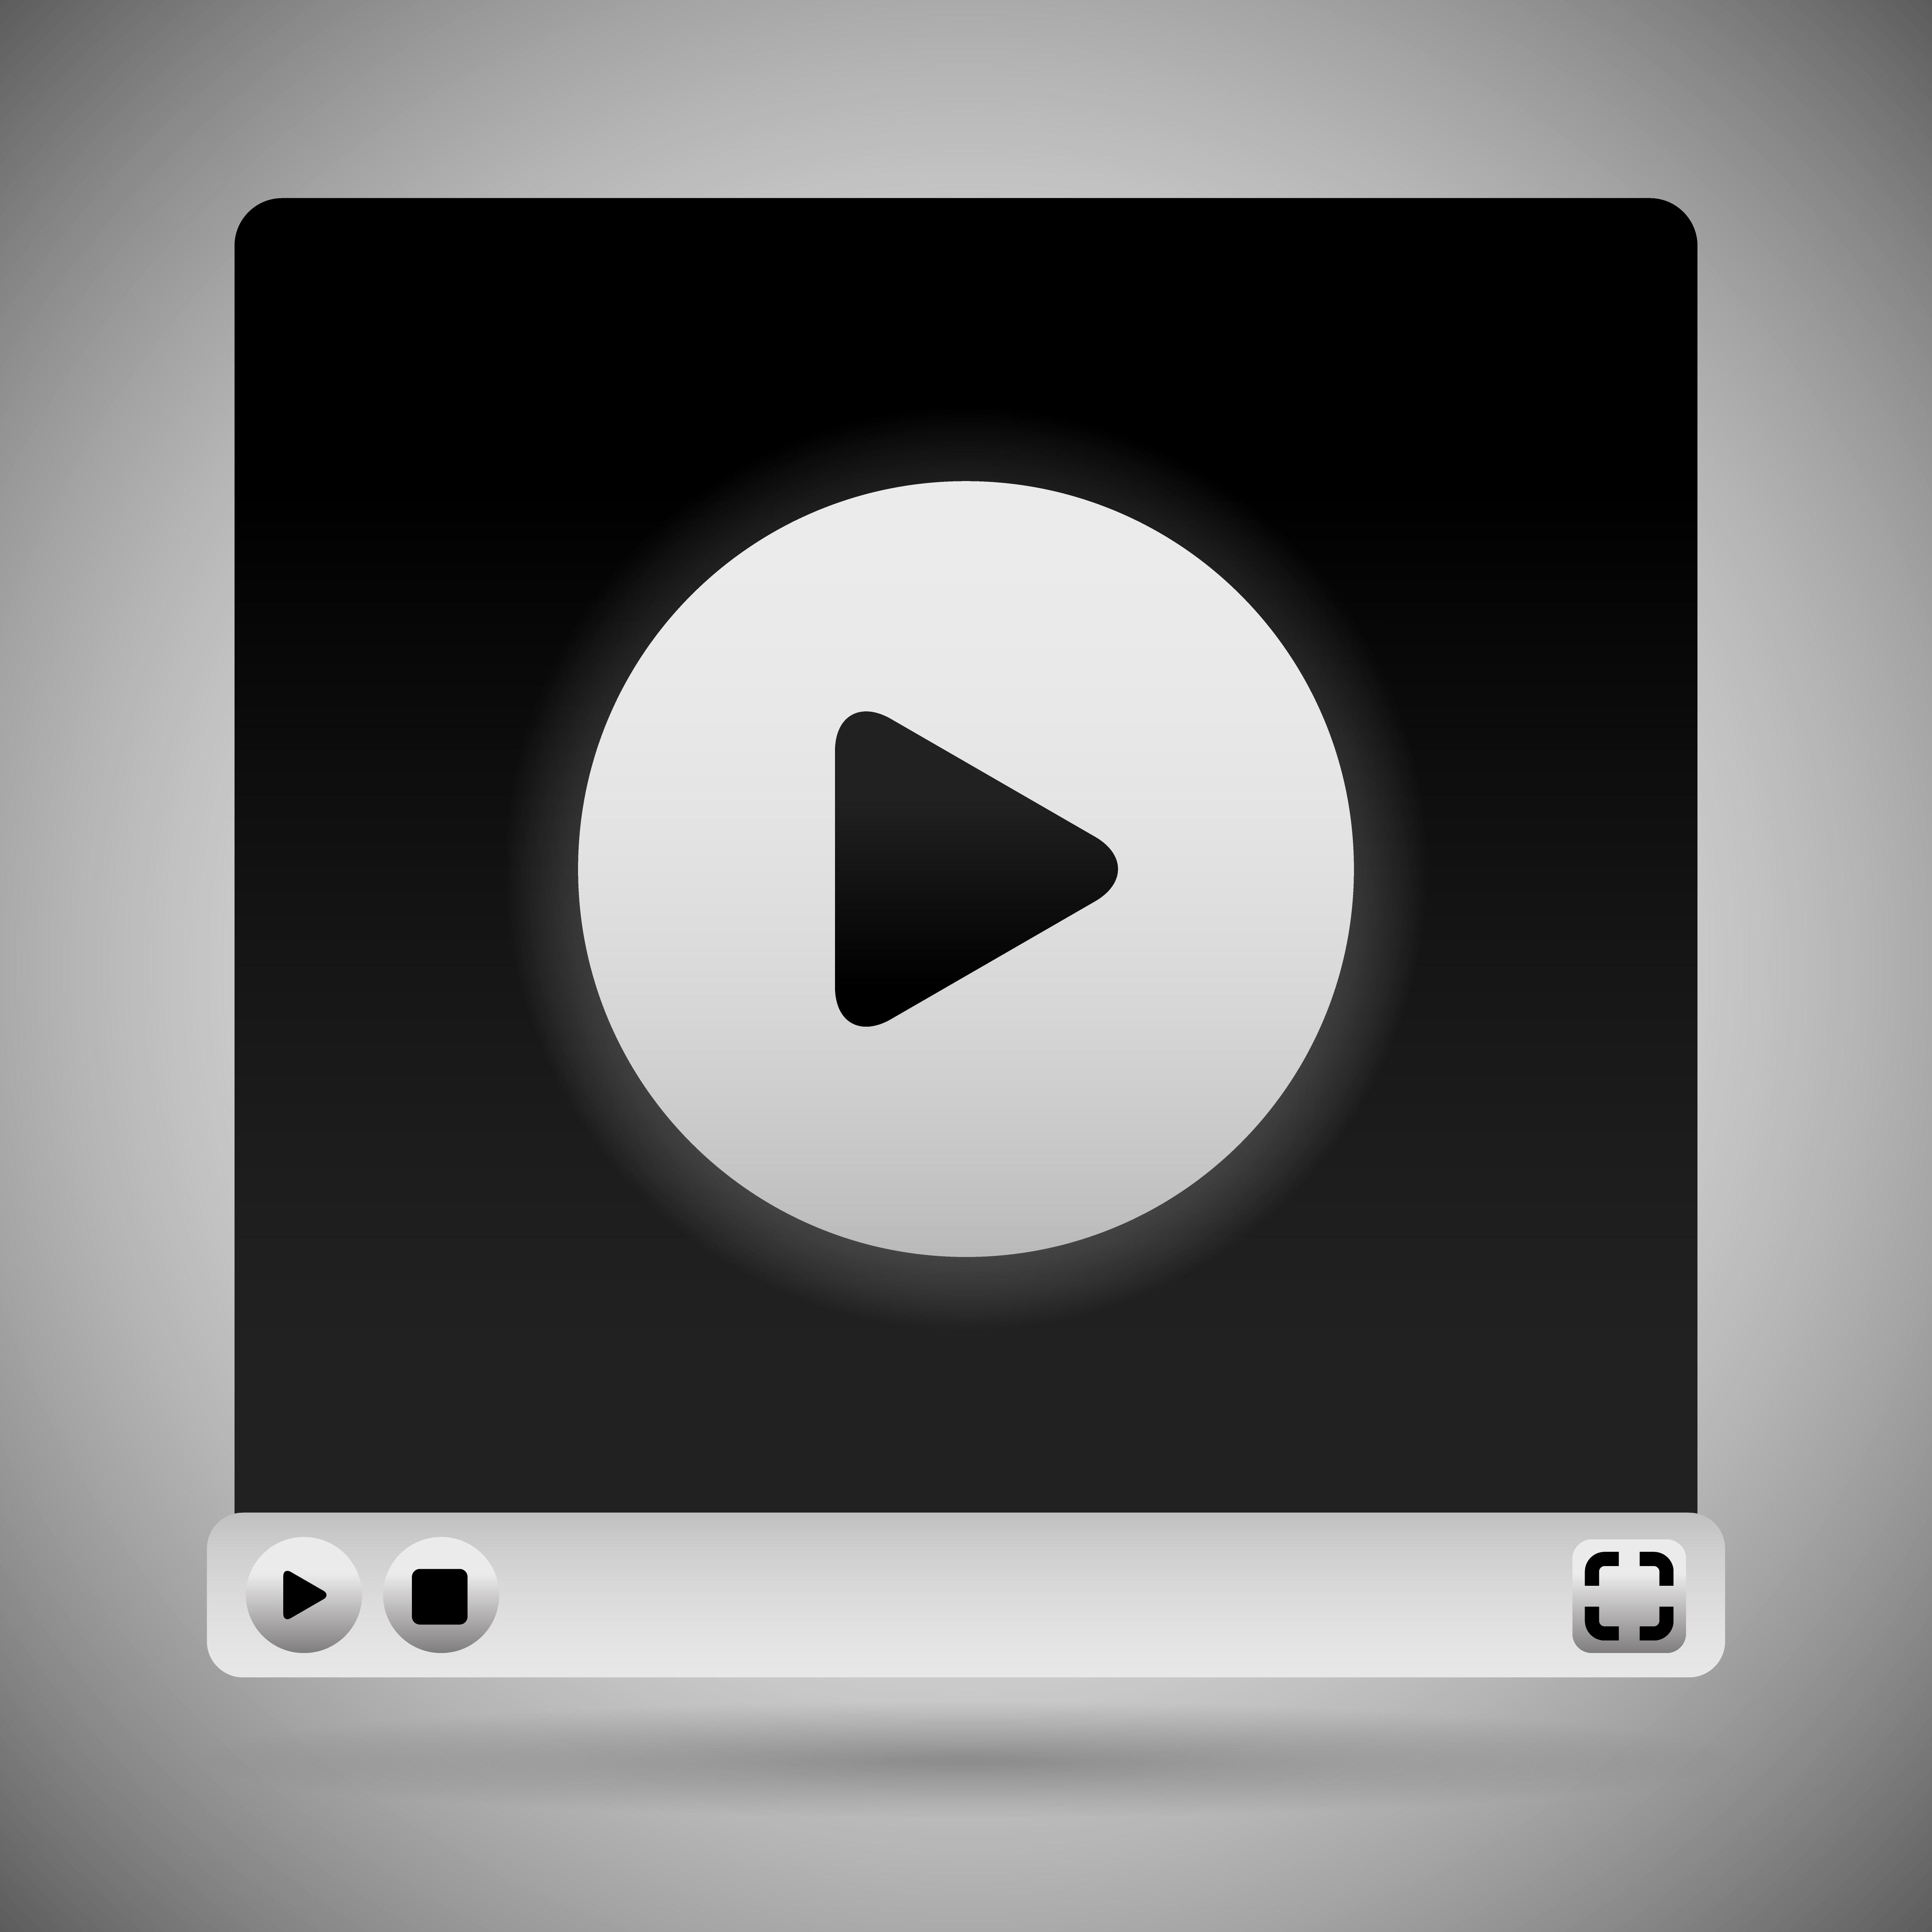 スクエア動画と縦型動画との違い